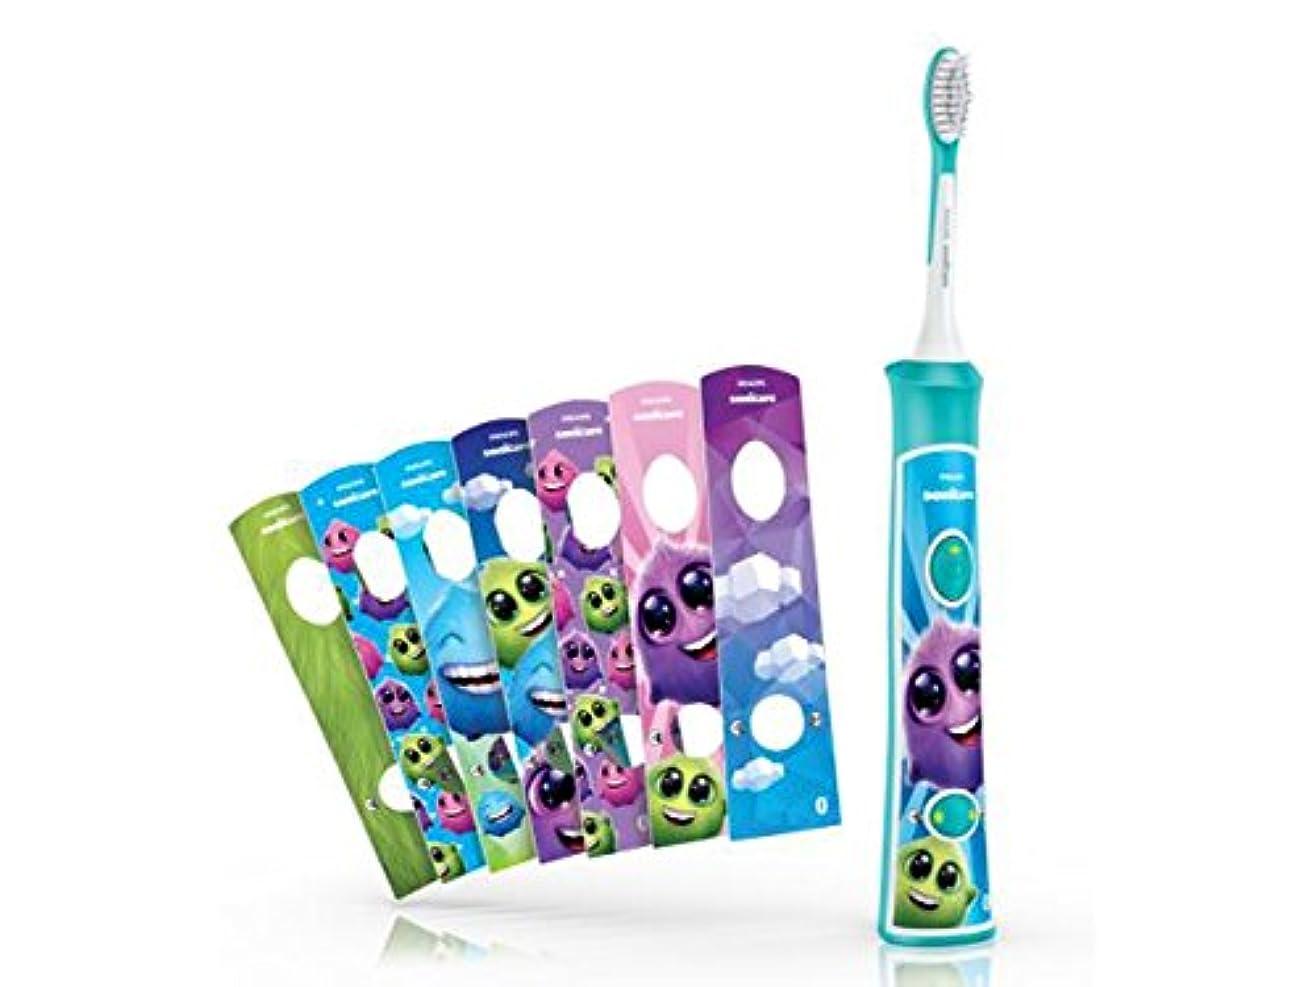 のために断言するシャーフィリップス ソニッケアー キッズ こども用電動歯ブラシ アプリ連動 HX6321/03